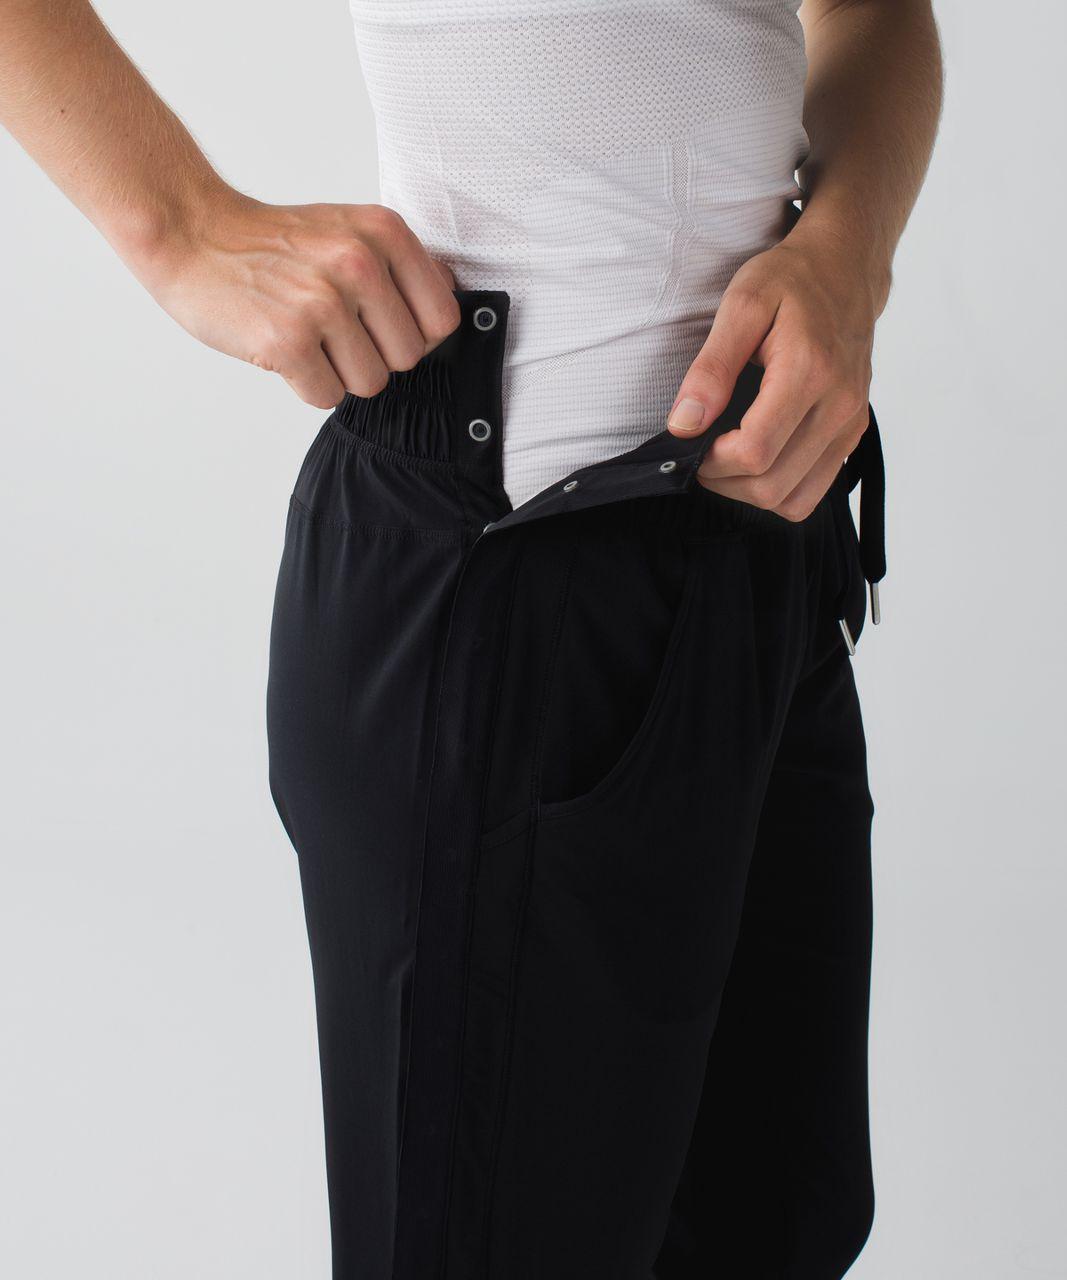 Lululemon Tearaway Pant - Black